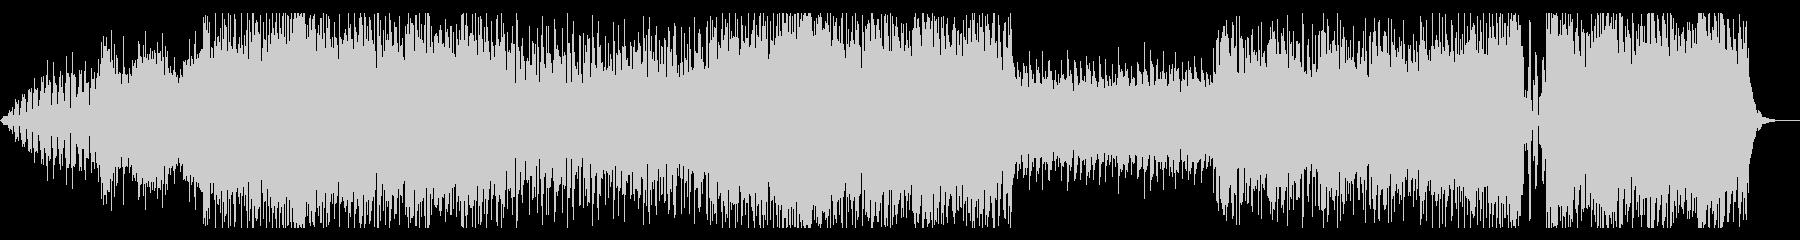 テンション上がるエレクトロミュージックの未再生の波形